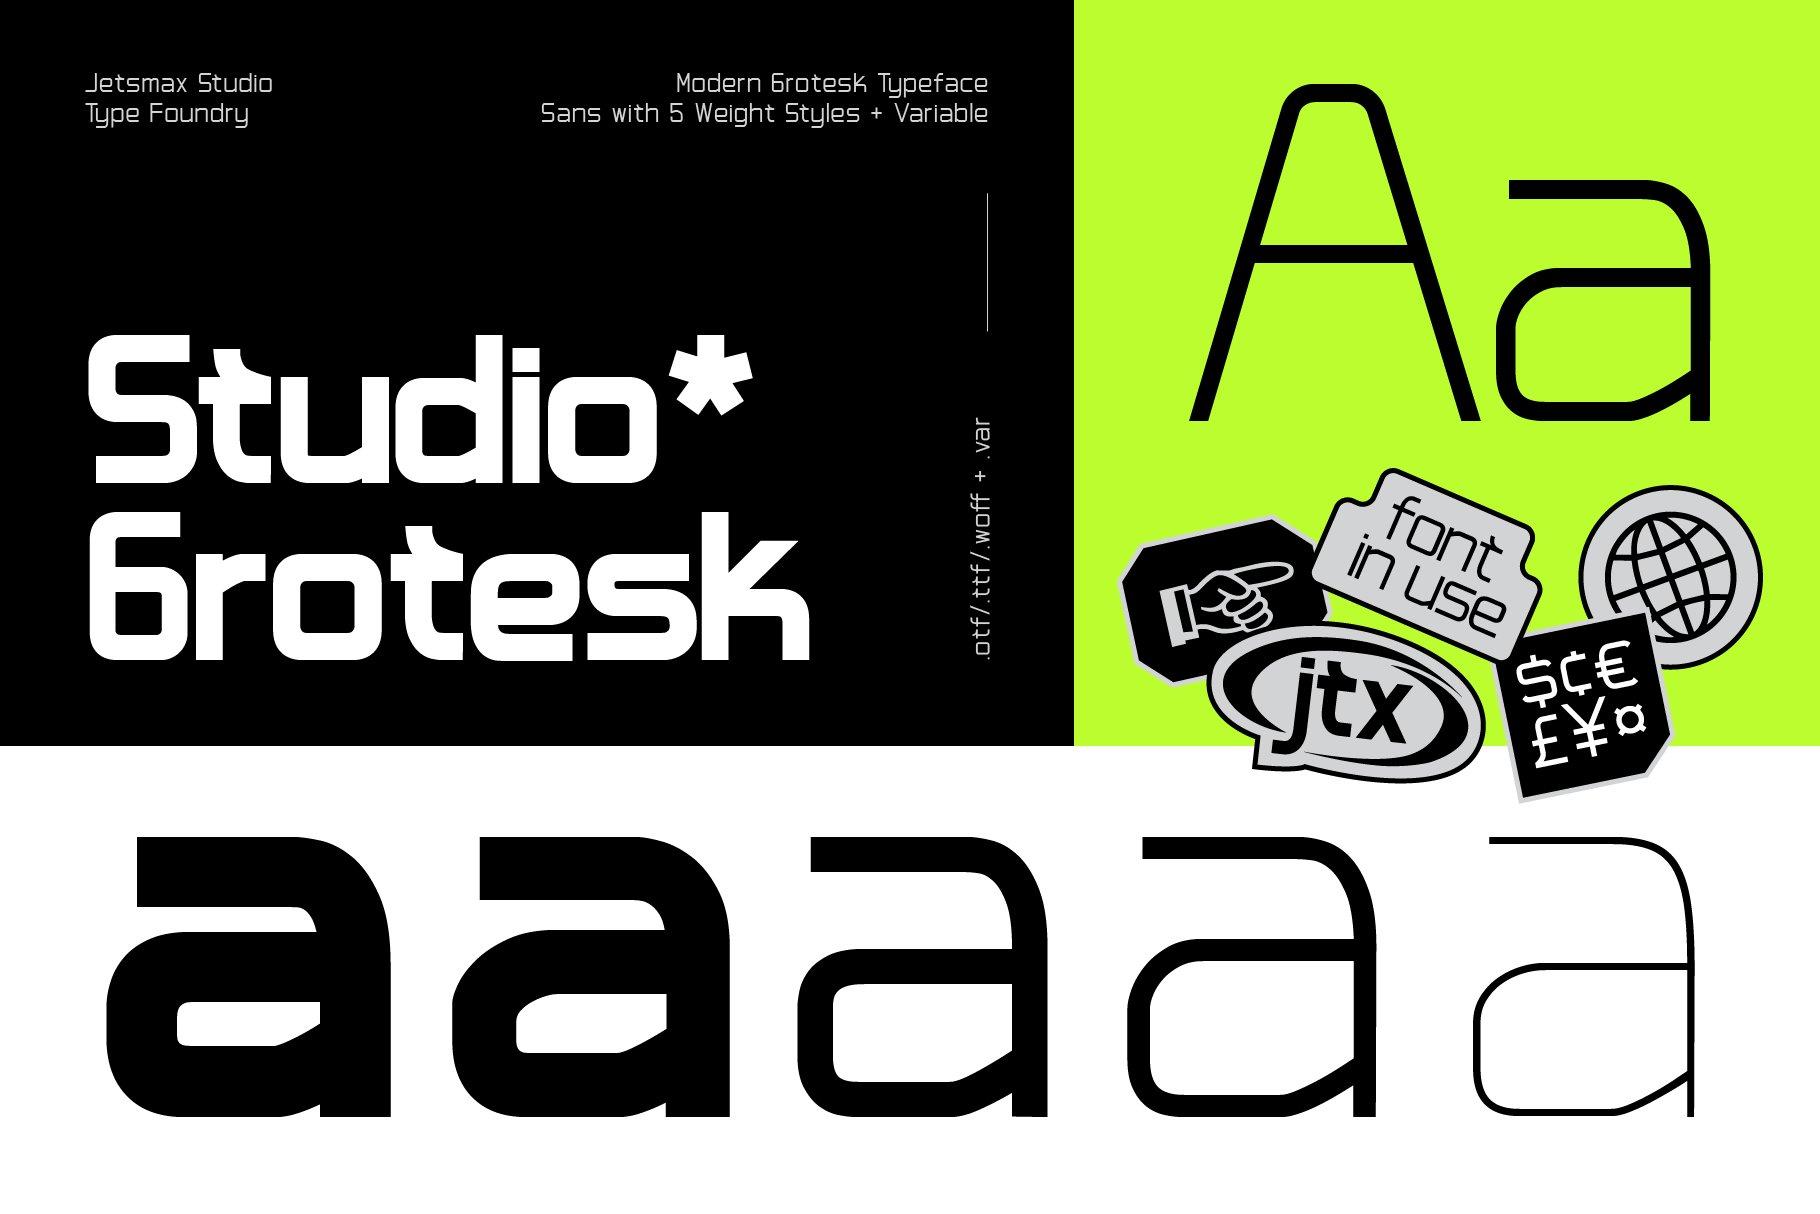 [单独购买] 潮流未来科技酸性艺术海报标题品牌Logo设计无衬线英文字体素材 Studio Grotesk Font插图9